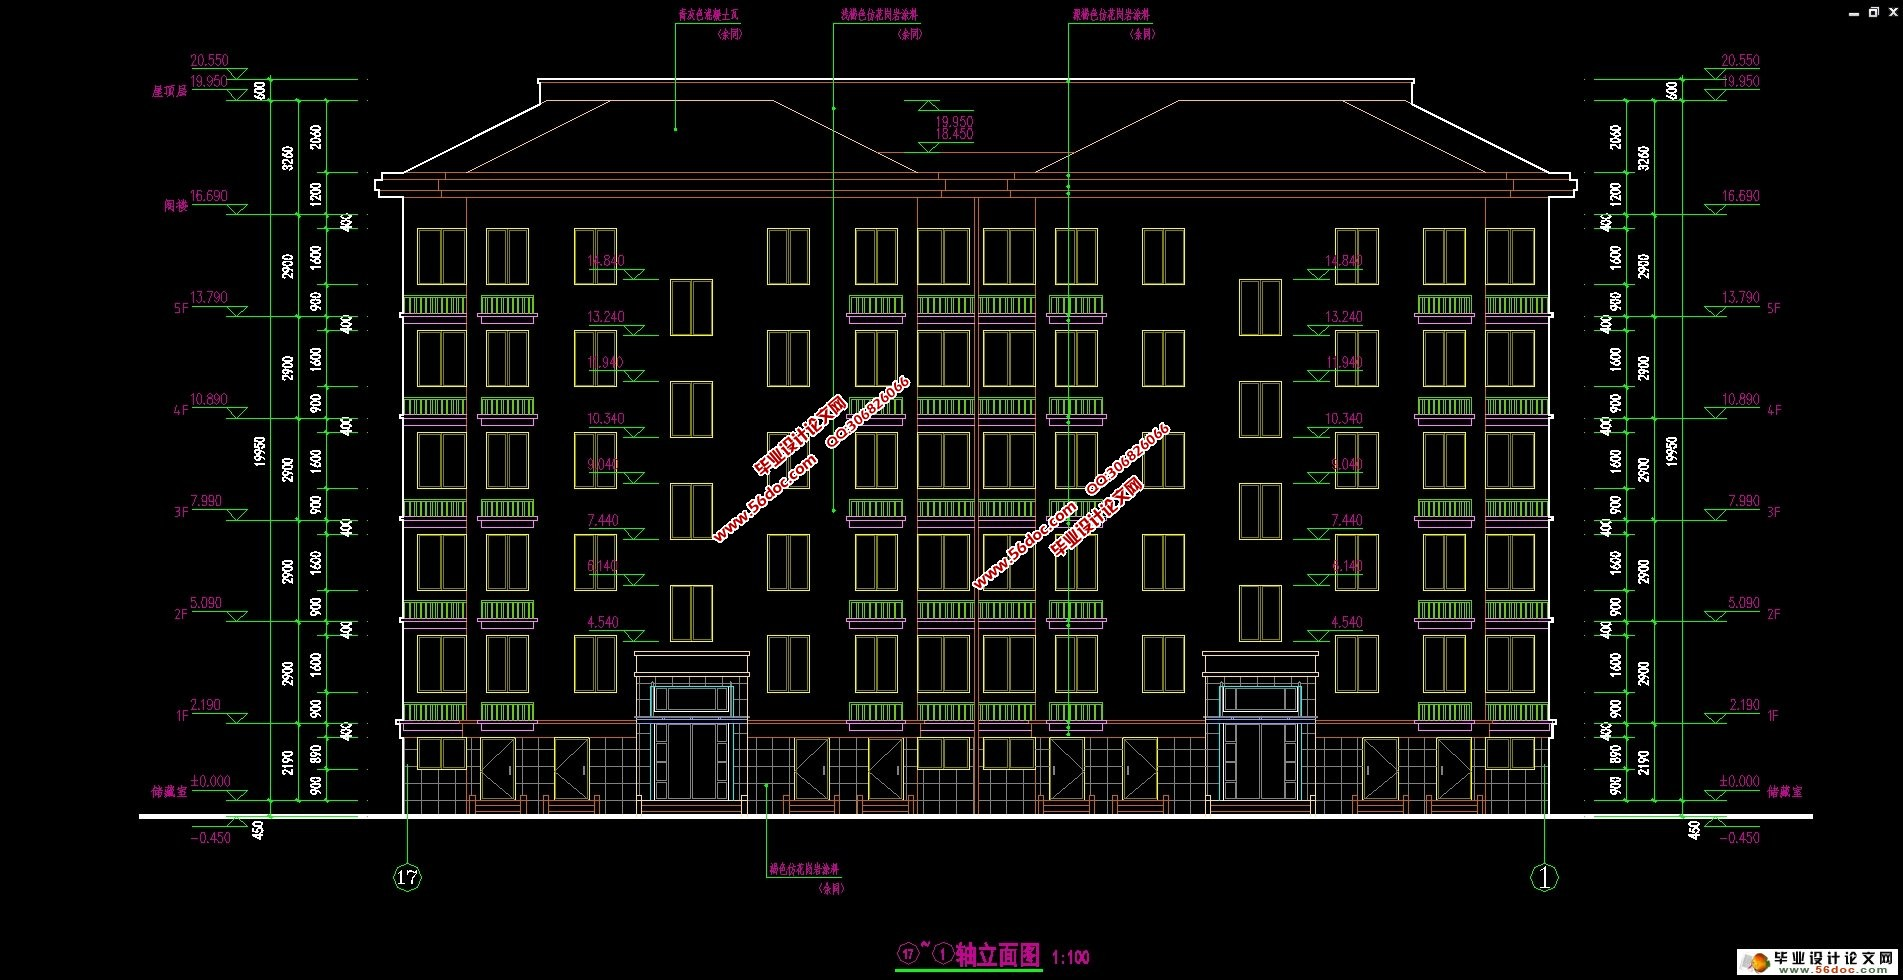 六层2700平米框架结构住宅楼设计(建筑图,结构图,网络